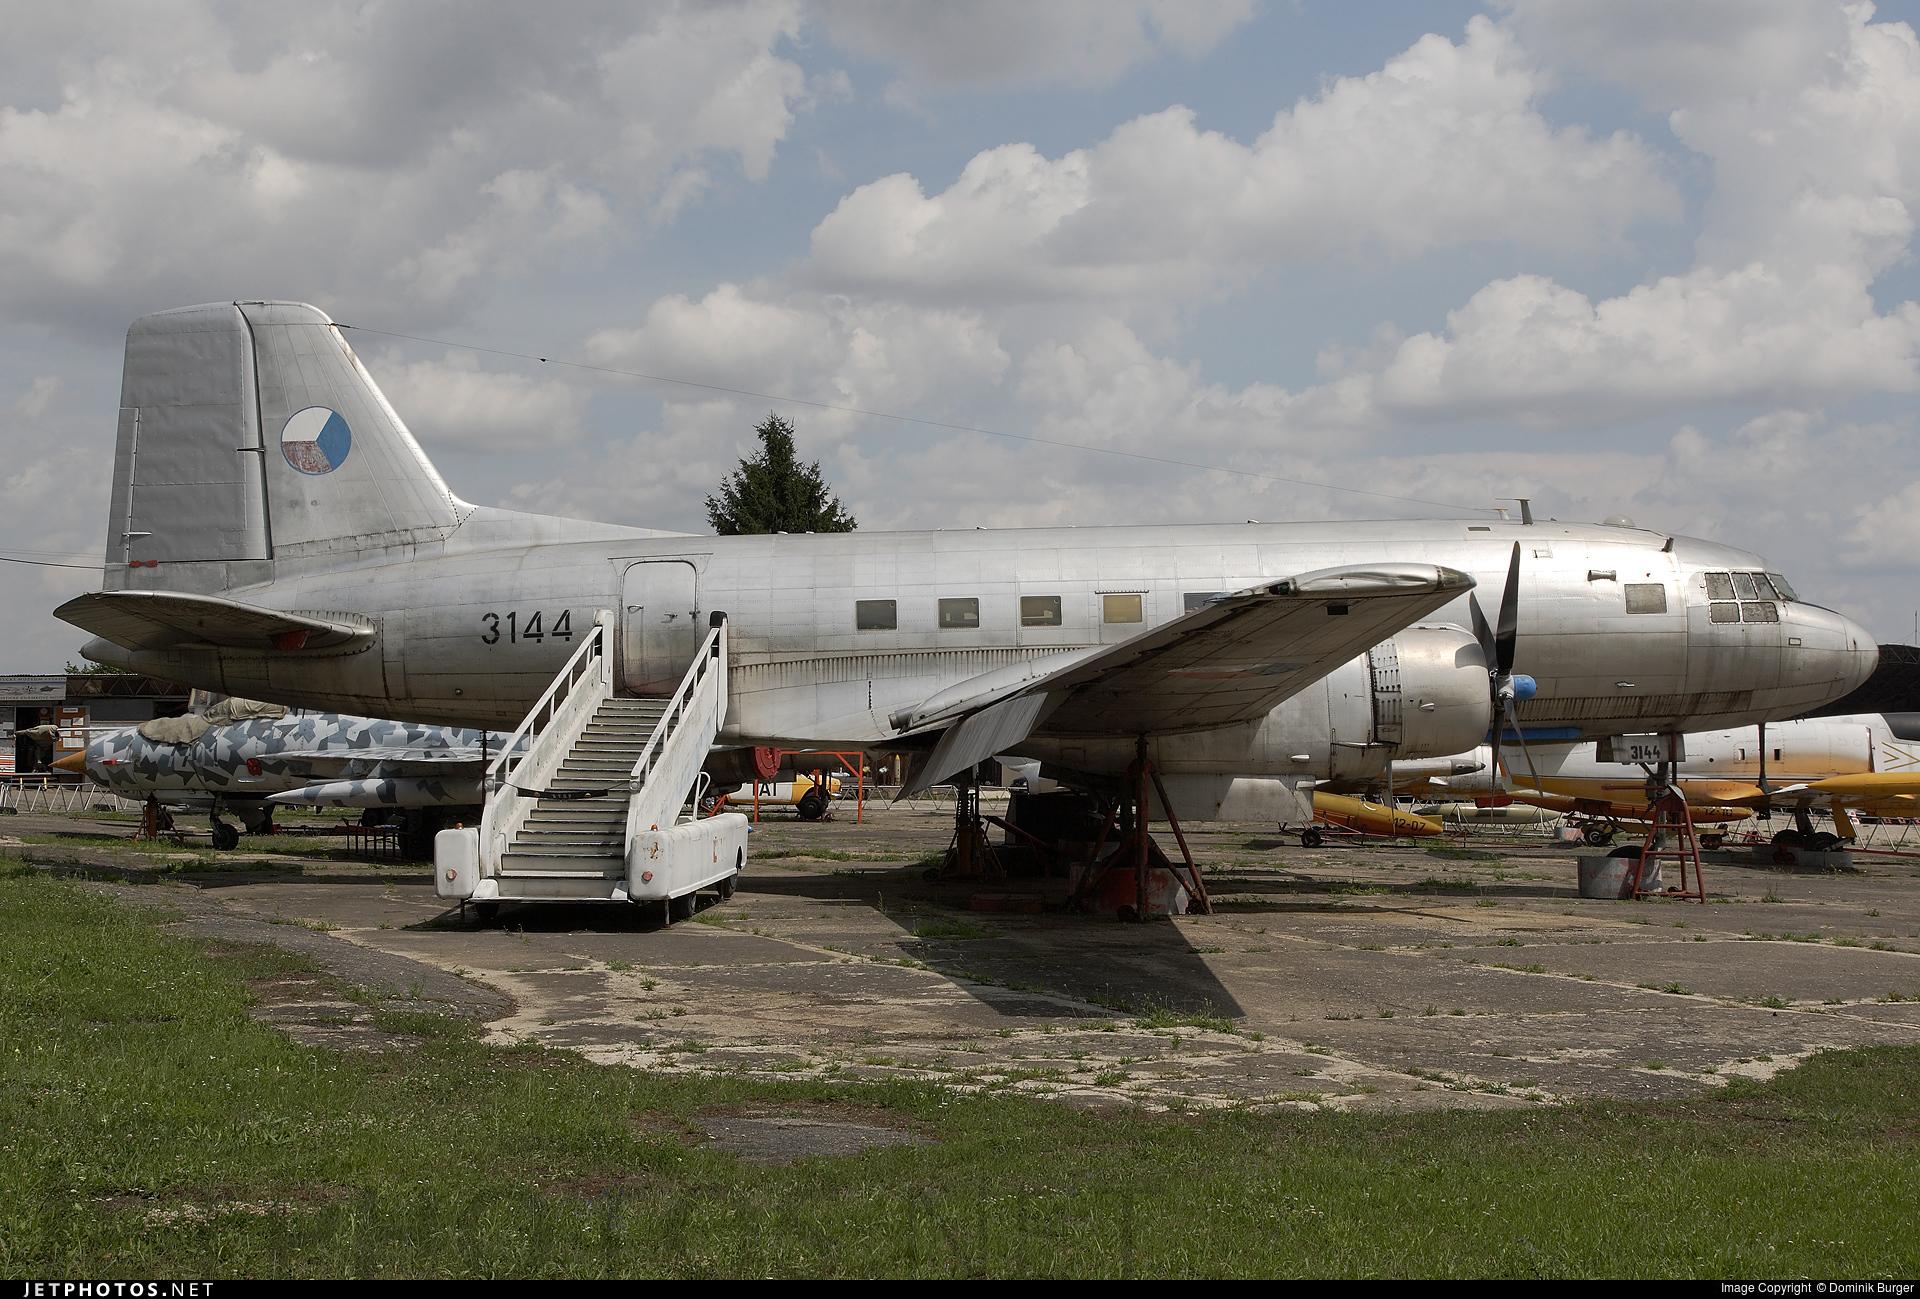 3144 - Avia Av-14T - Czechoslovakia - Air Force